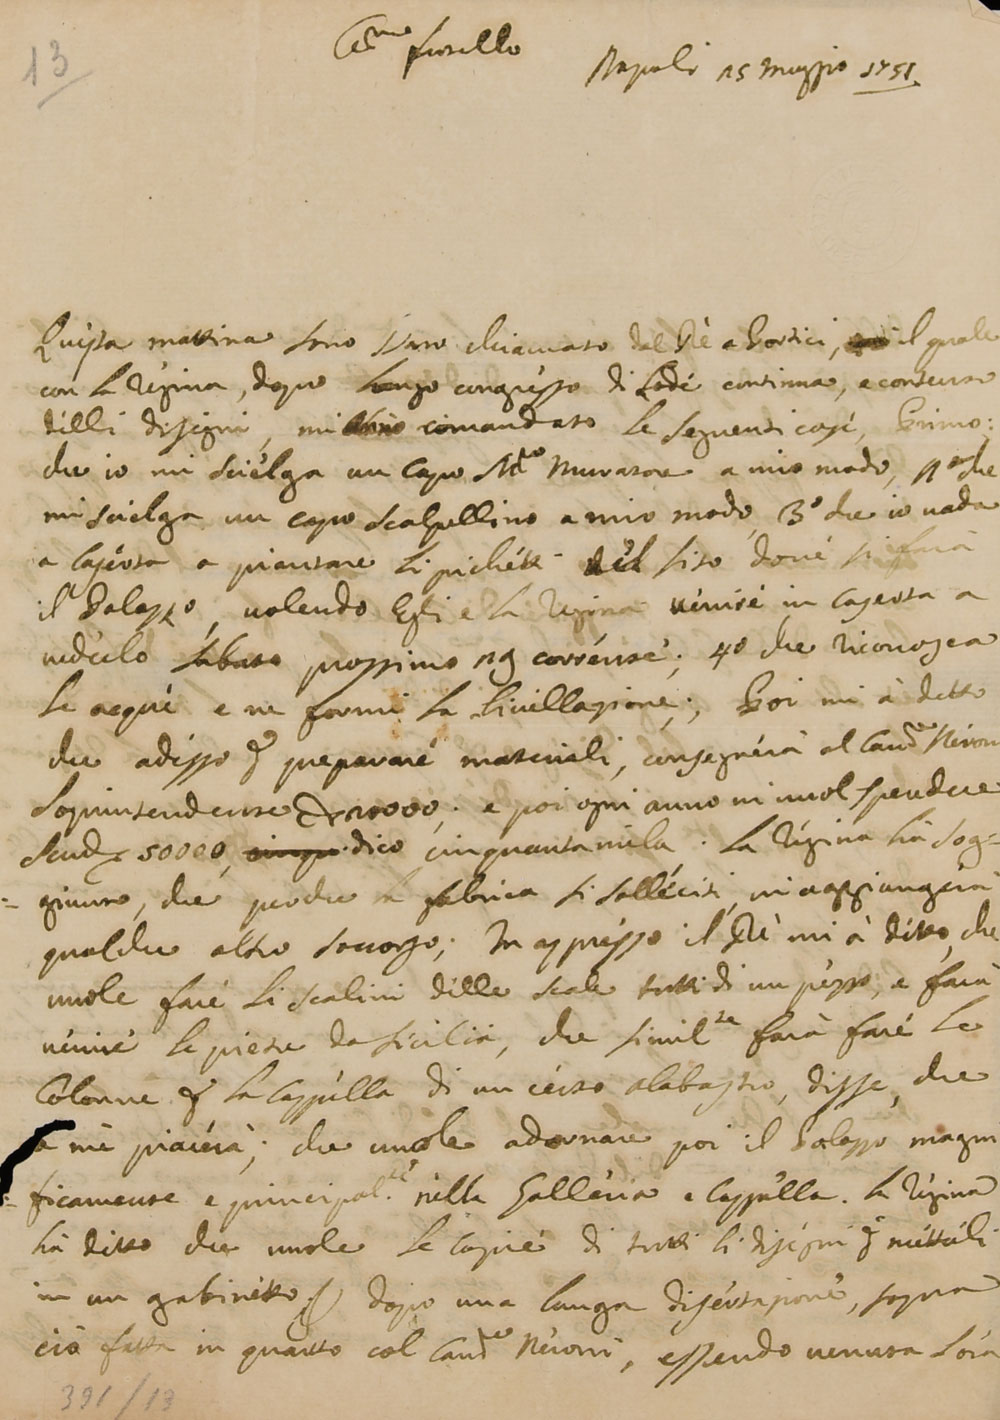 Lettera di Luigi Vanvitelli al fratello Urbano in cui gli parla della Reggia di Caserta, 1751